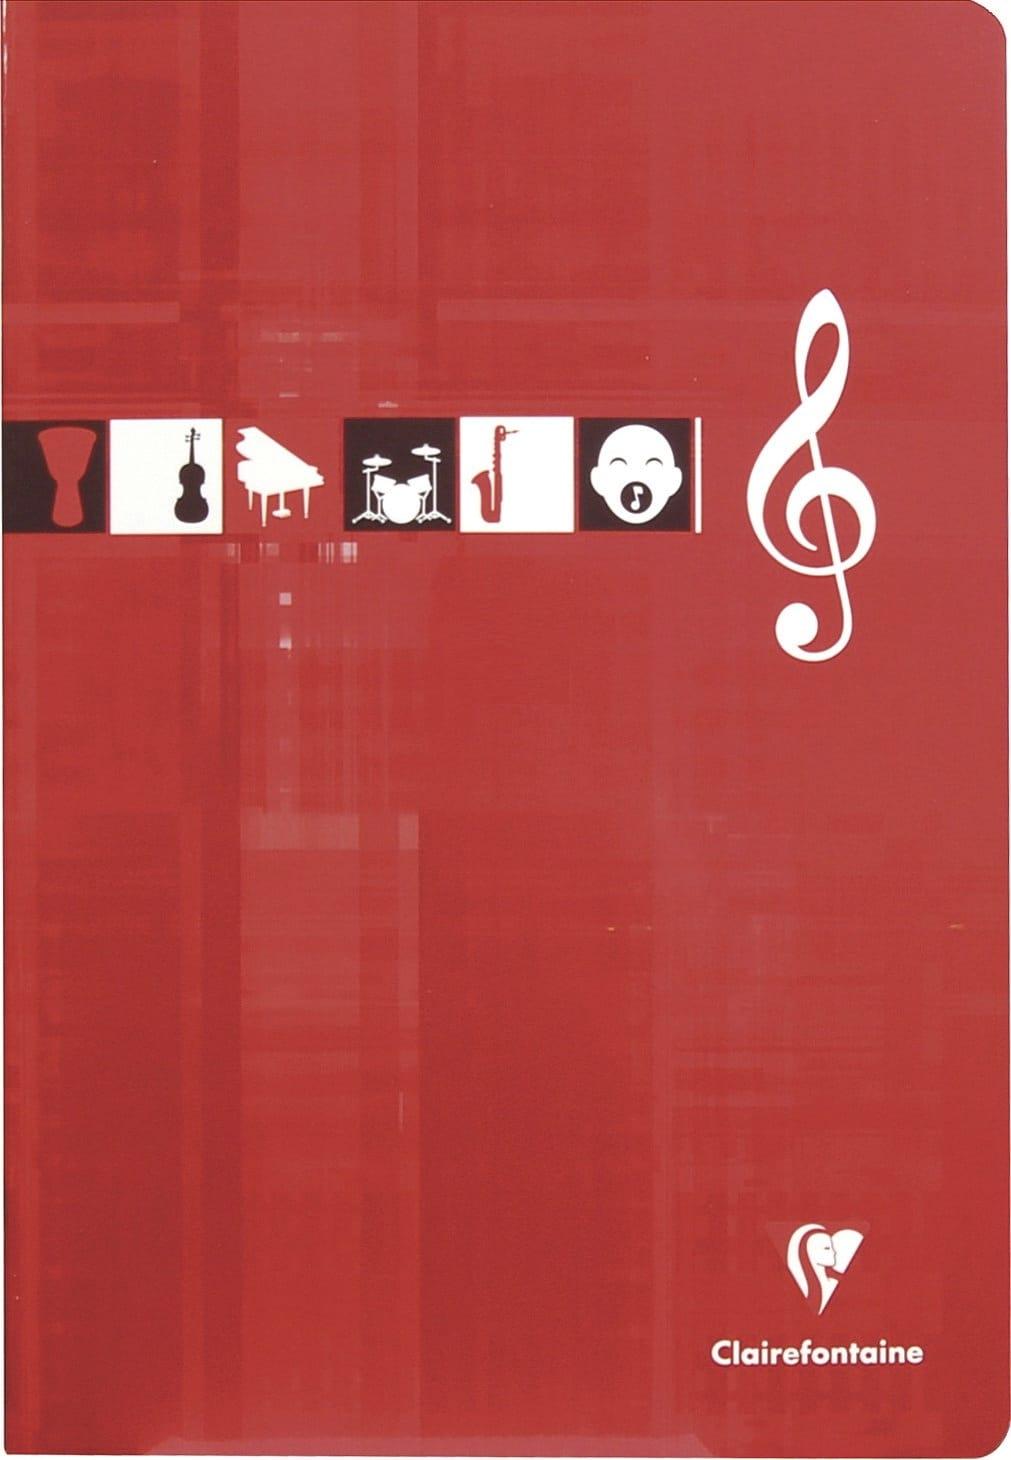 Cahier de Musique CLAIREFONTAINE - 10 portées - Format A4 - laflutedepan.com